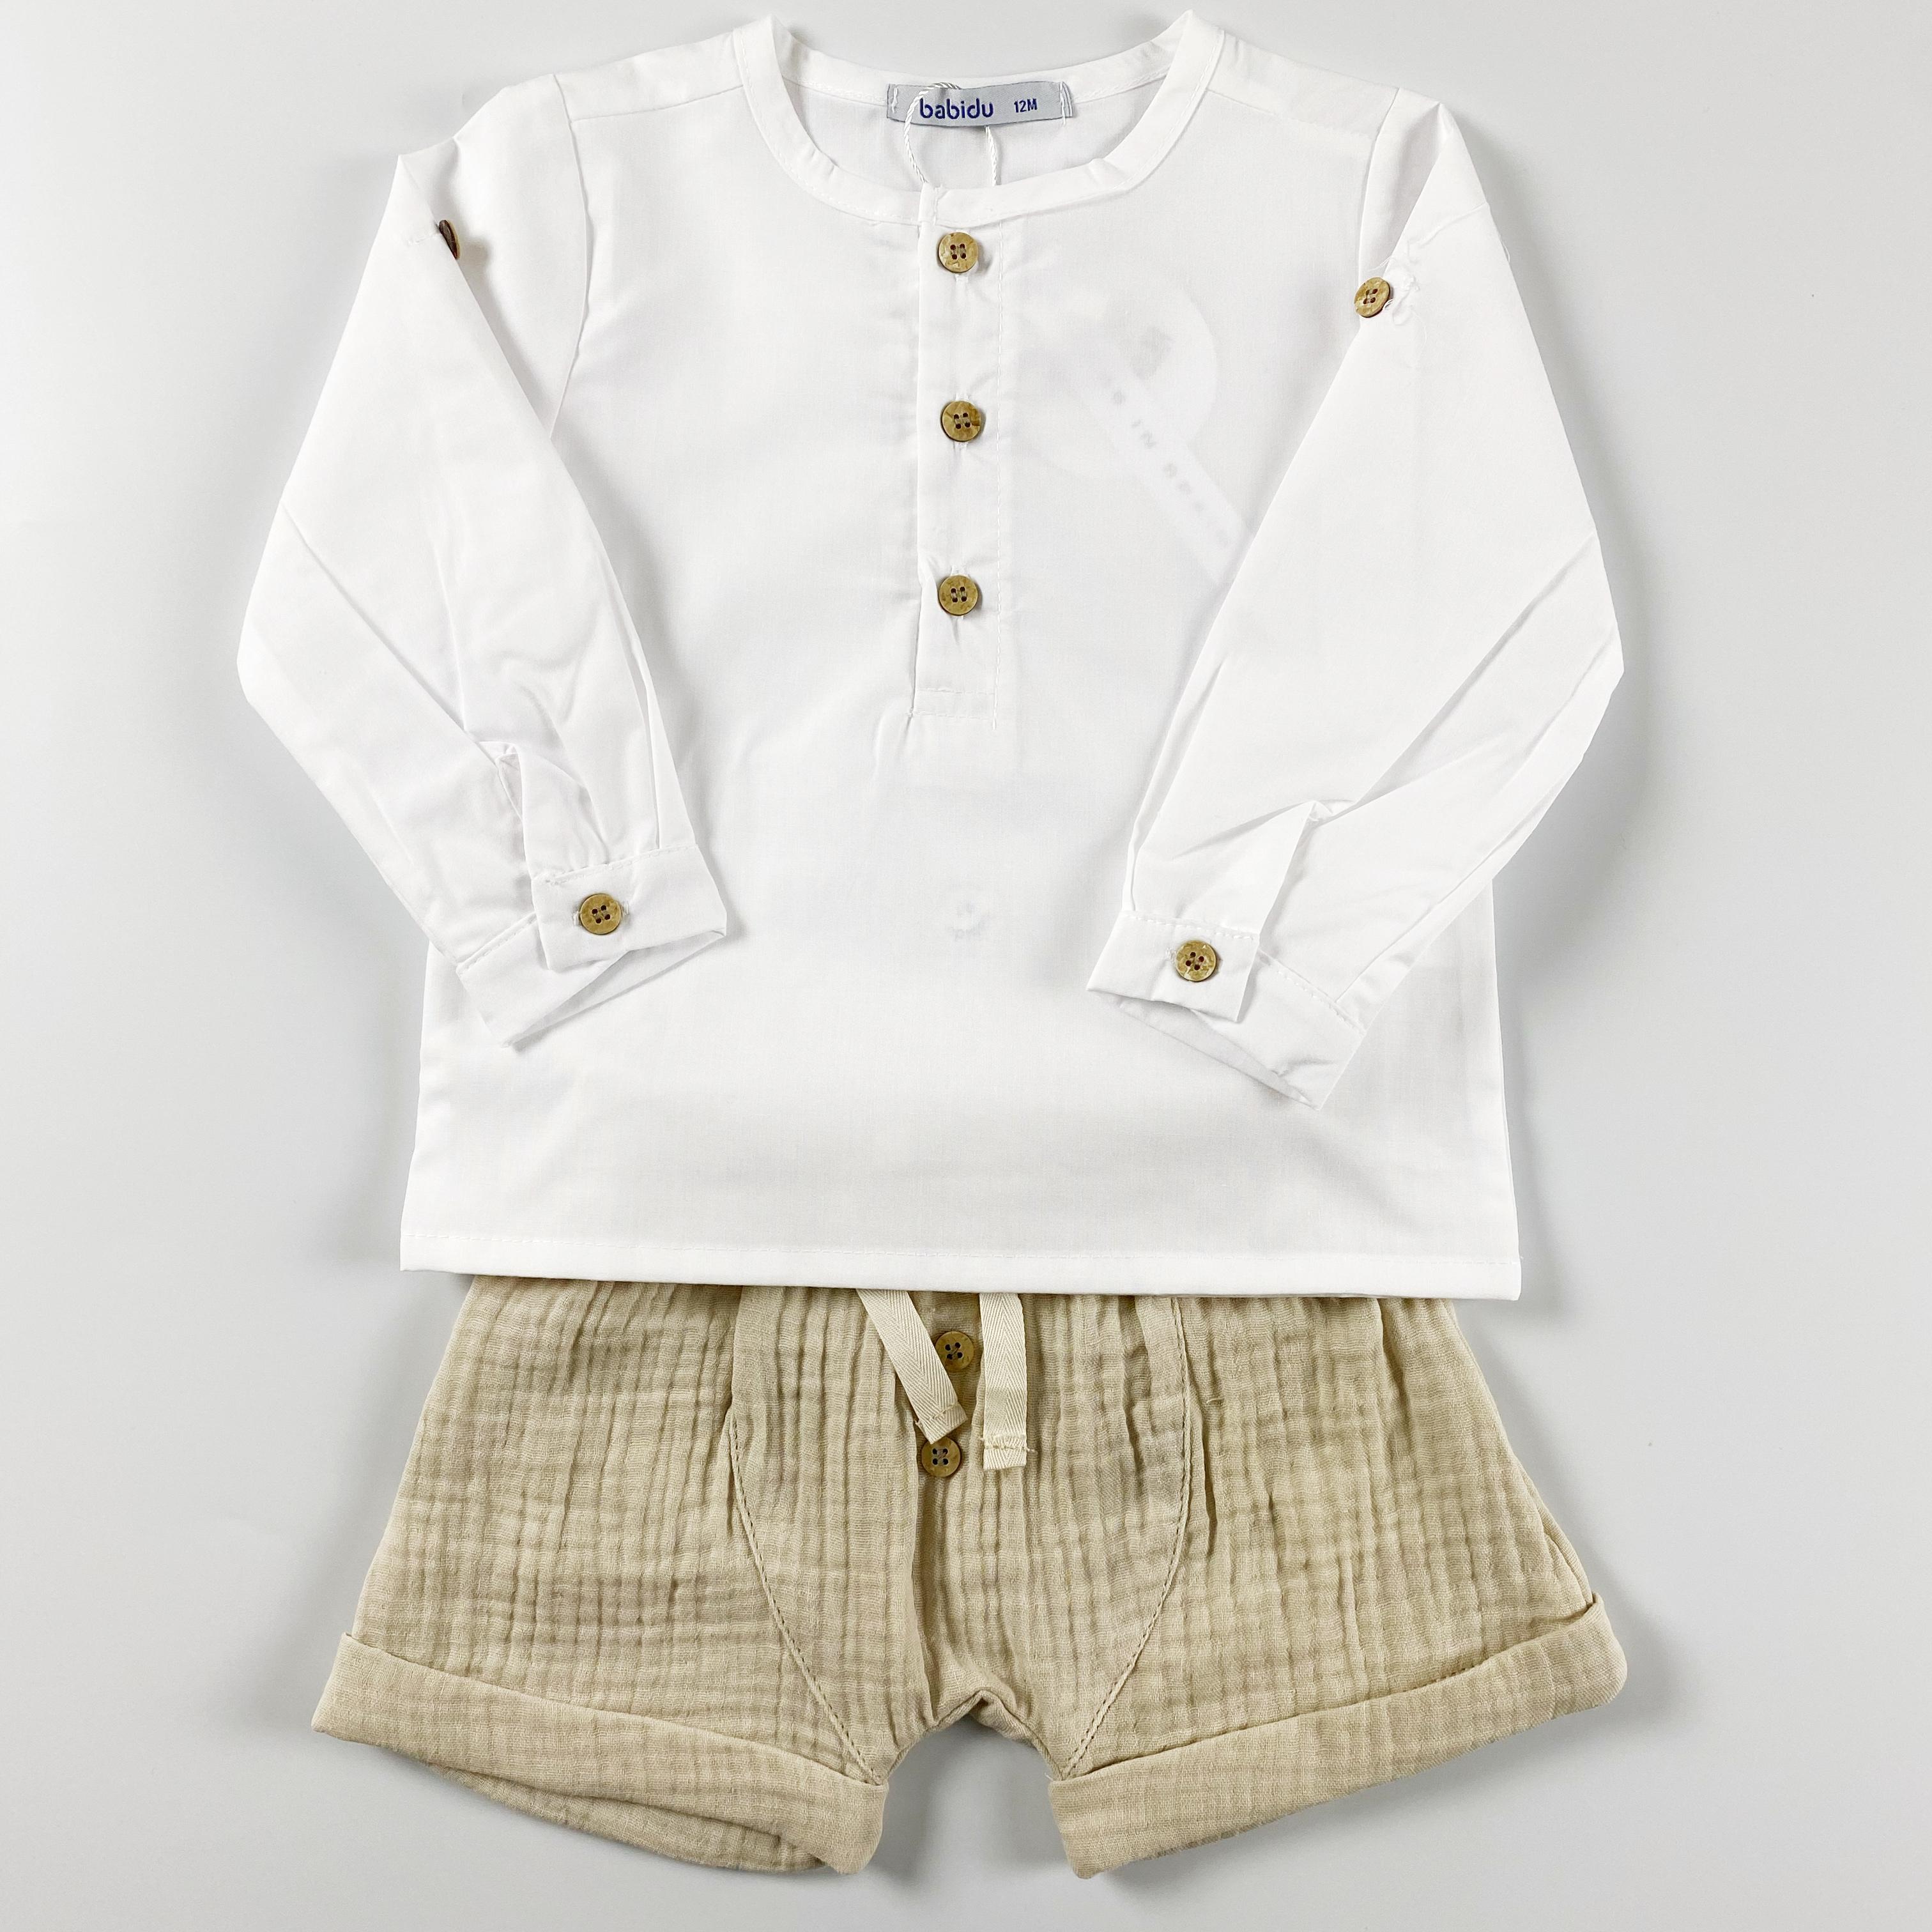 Completo pantaloncino in mussola e camicia serafine